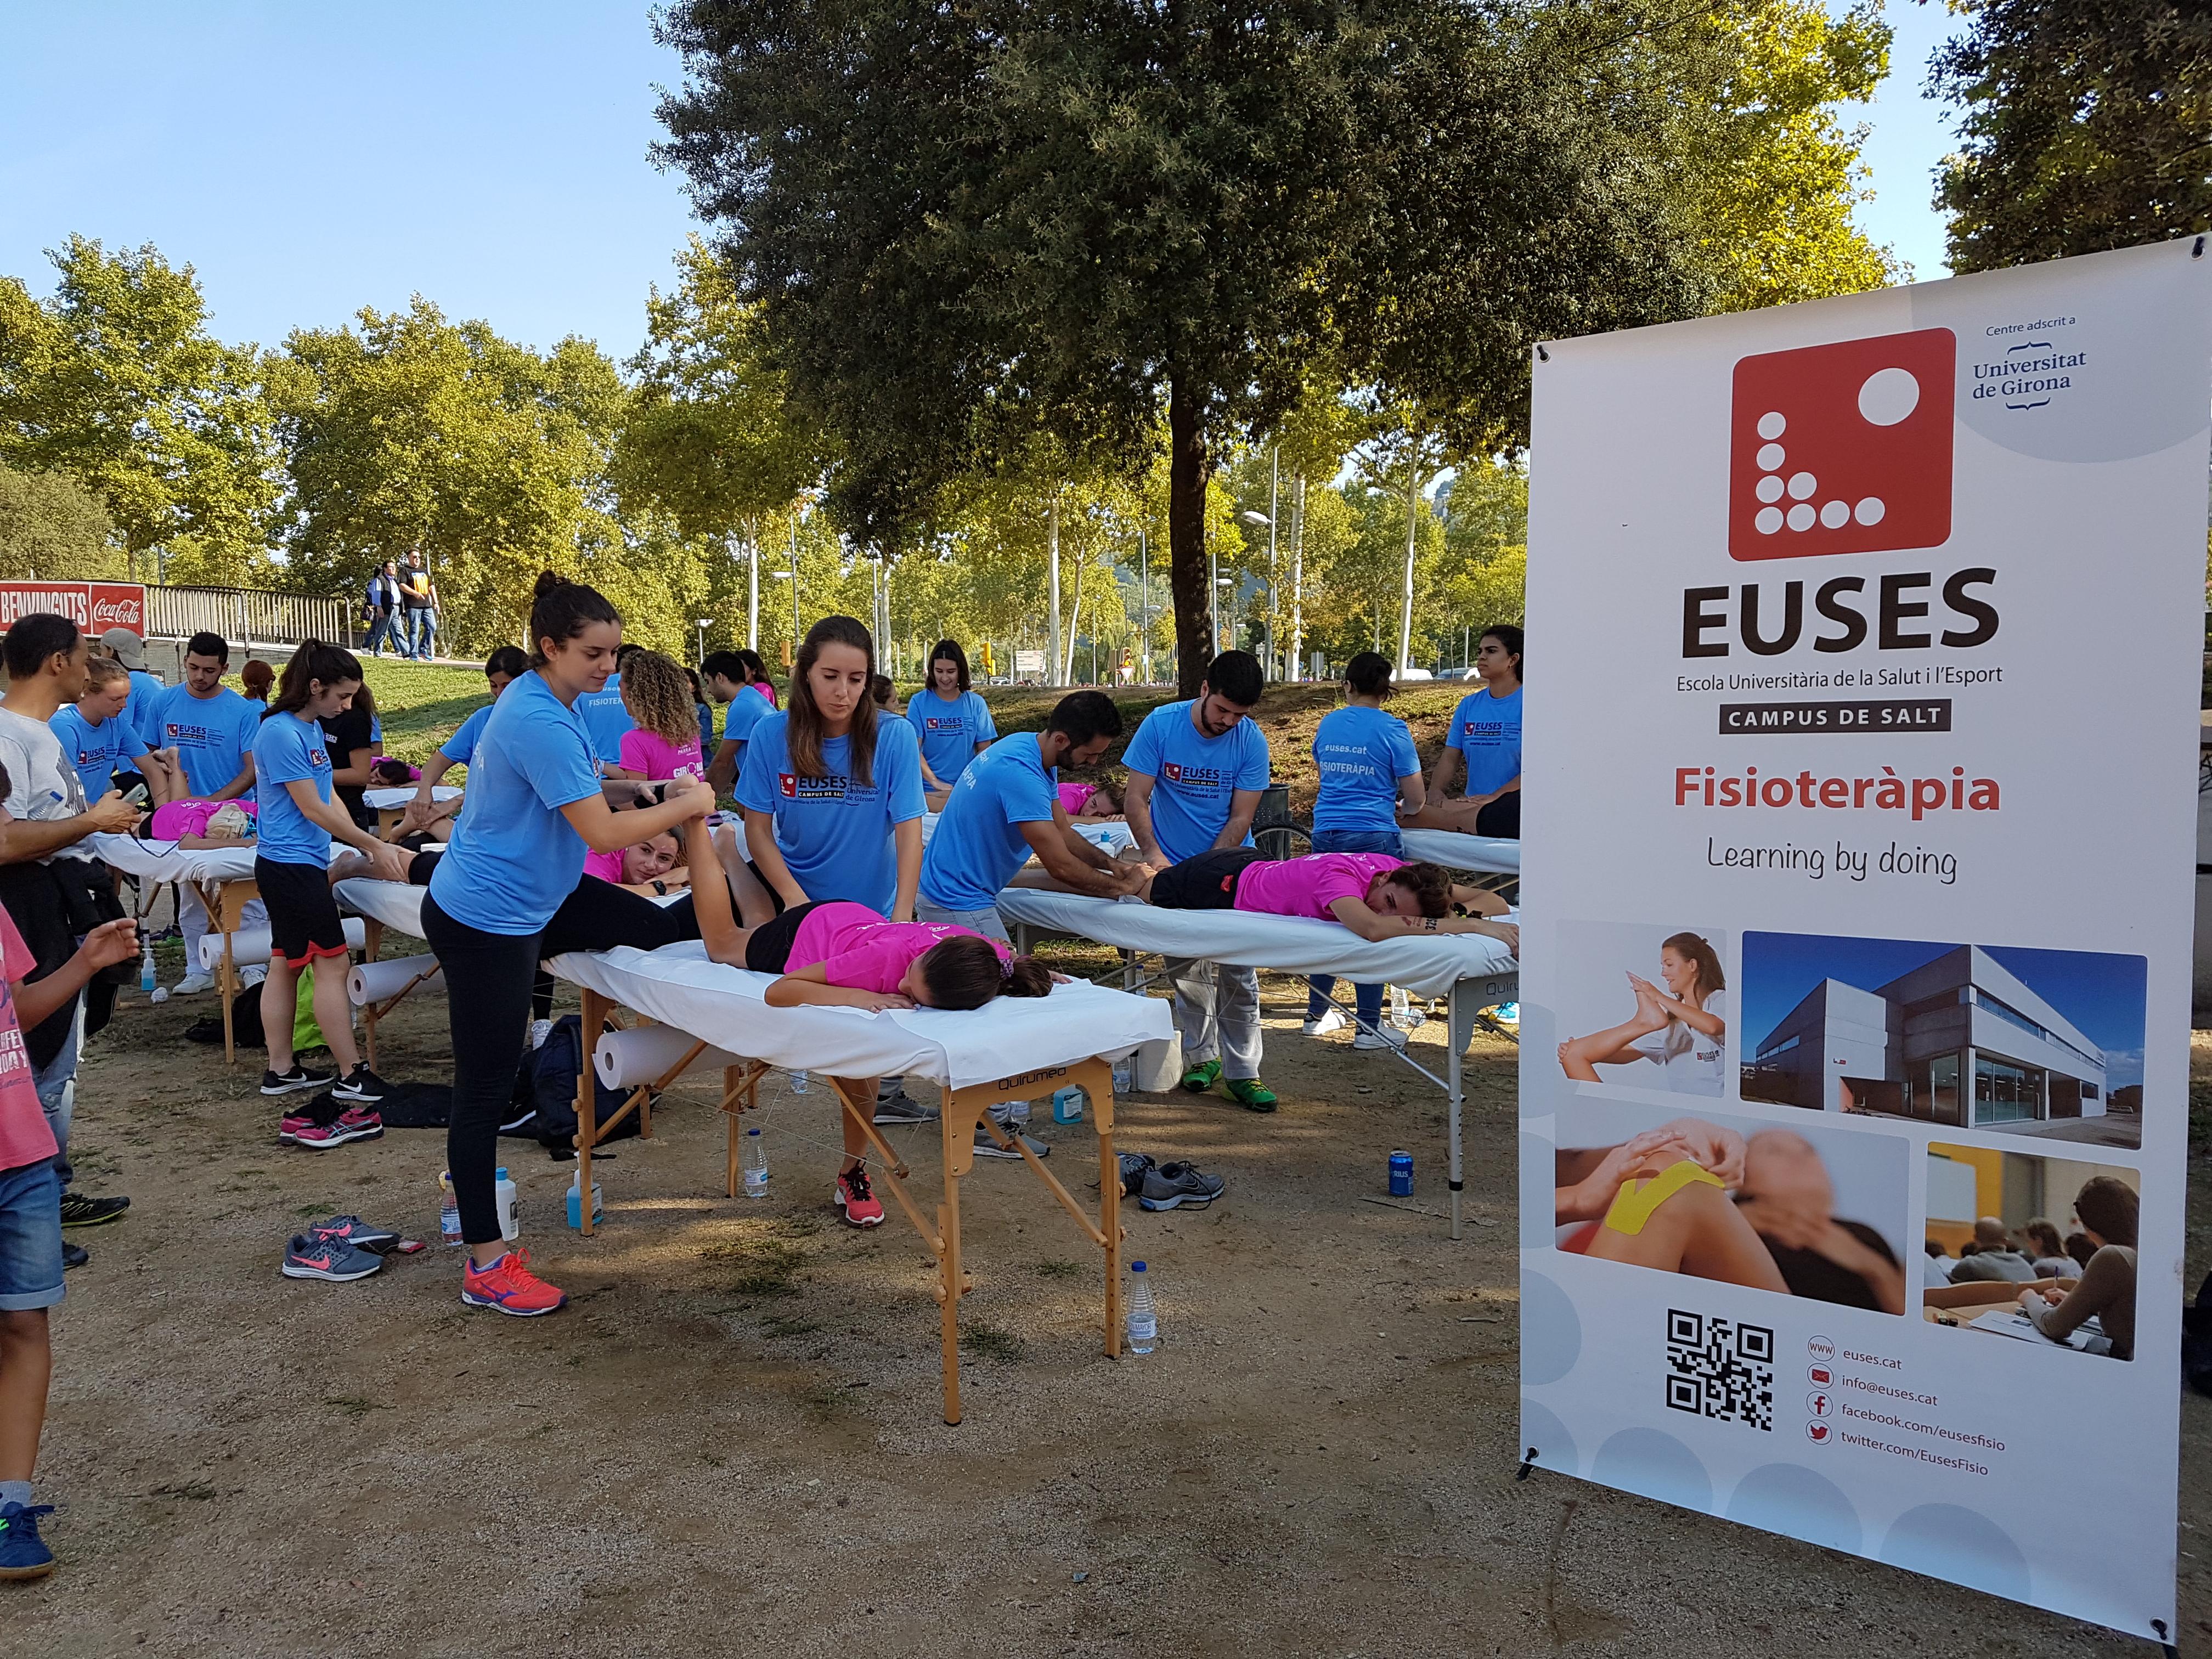 L'Escola Universitària de la Salut i l'Esport té previstos una trentena de voluntariats durant el segon semestre